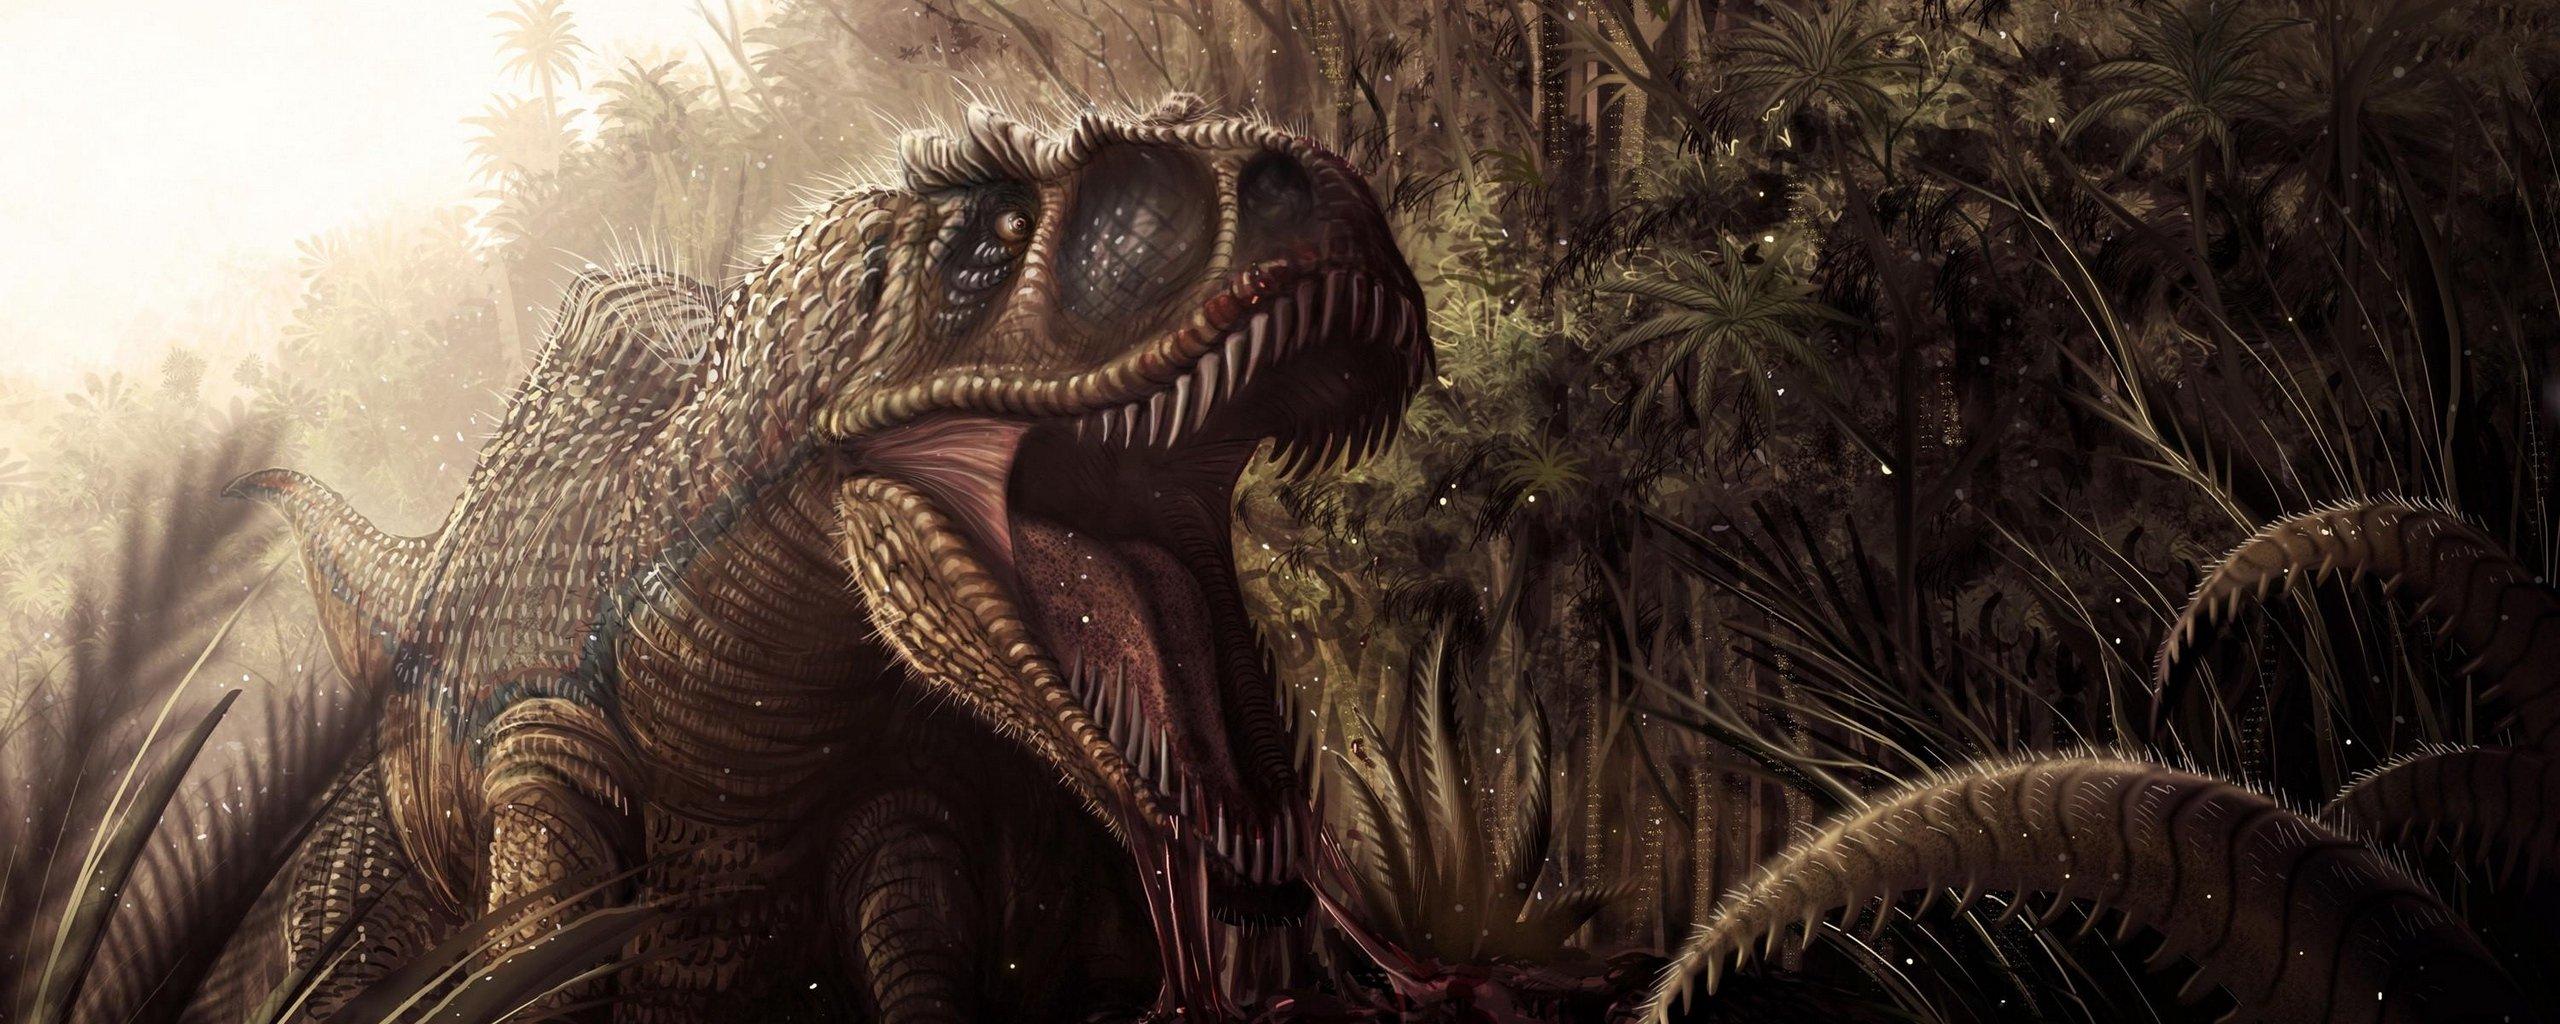 Динозавры драконы картинки